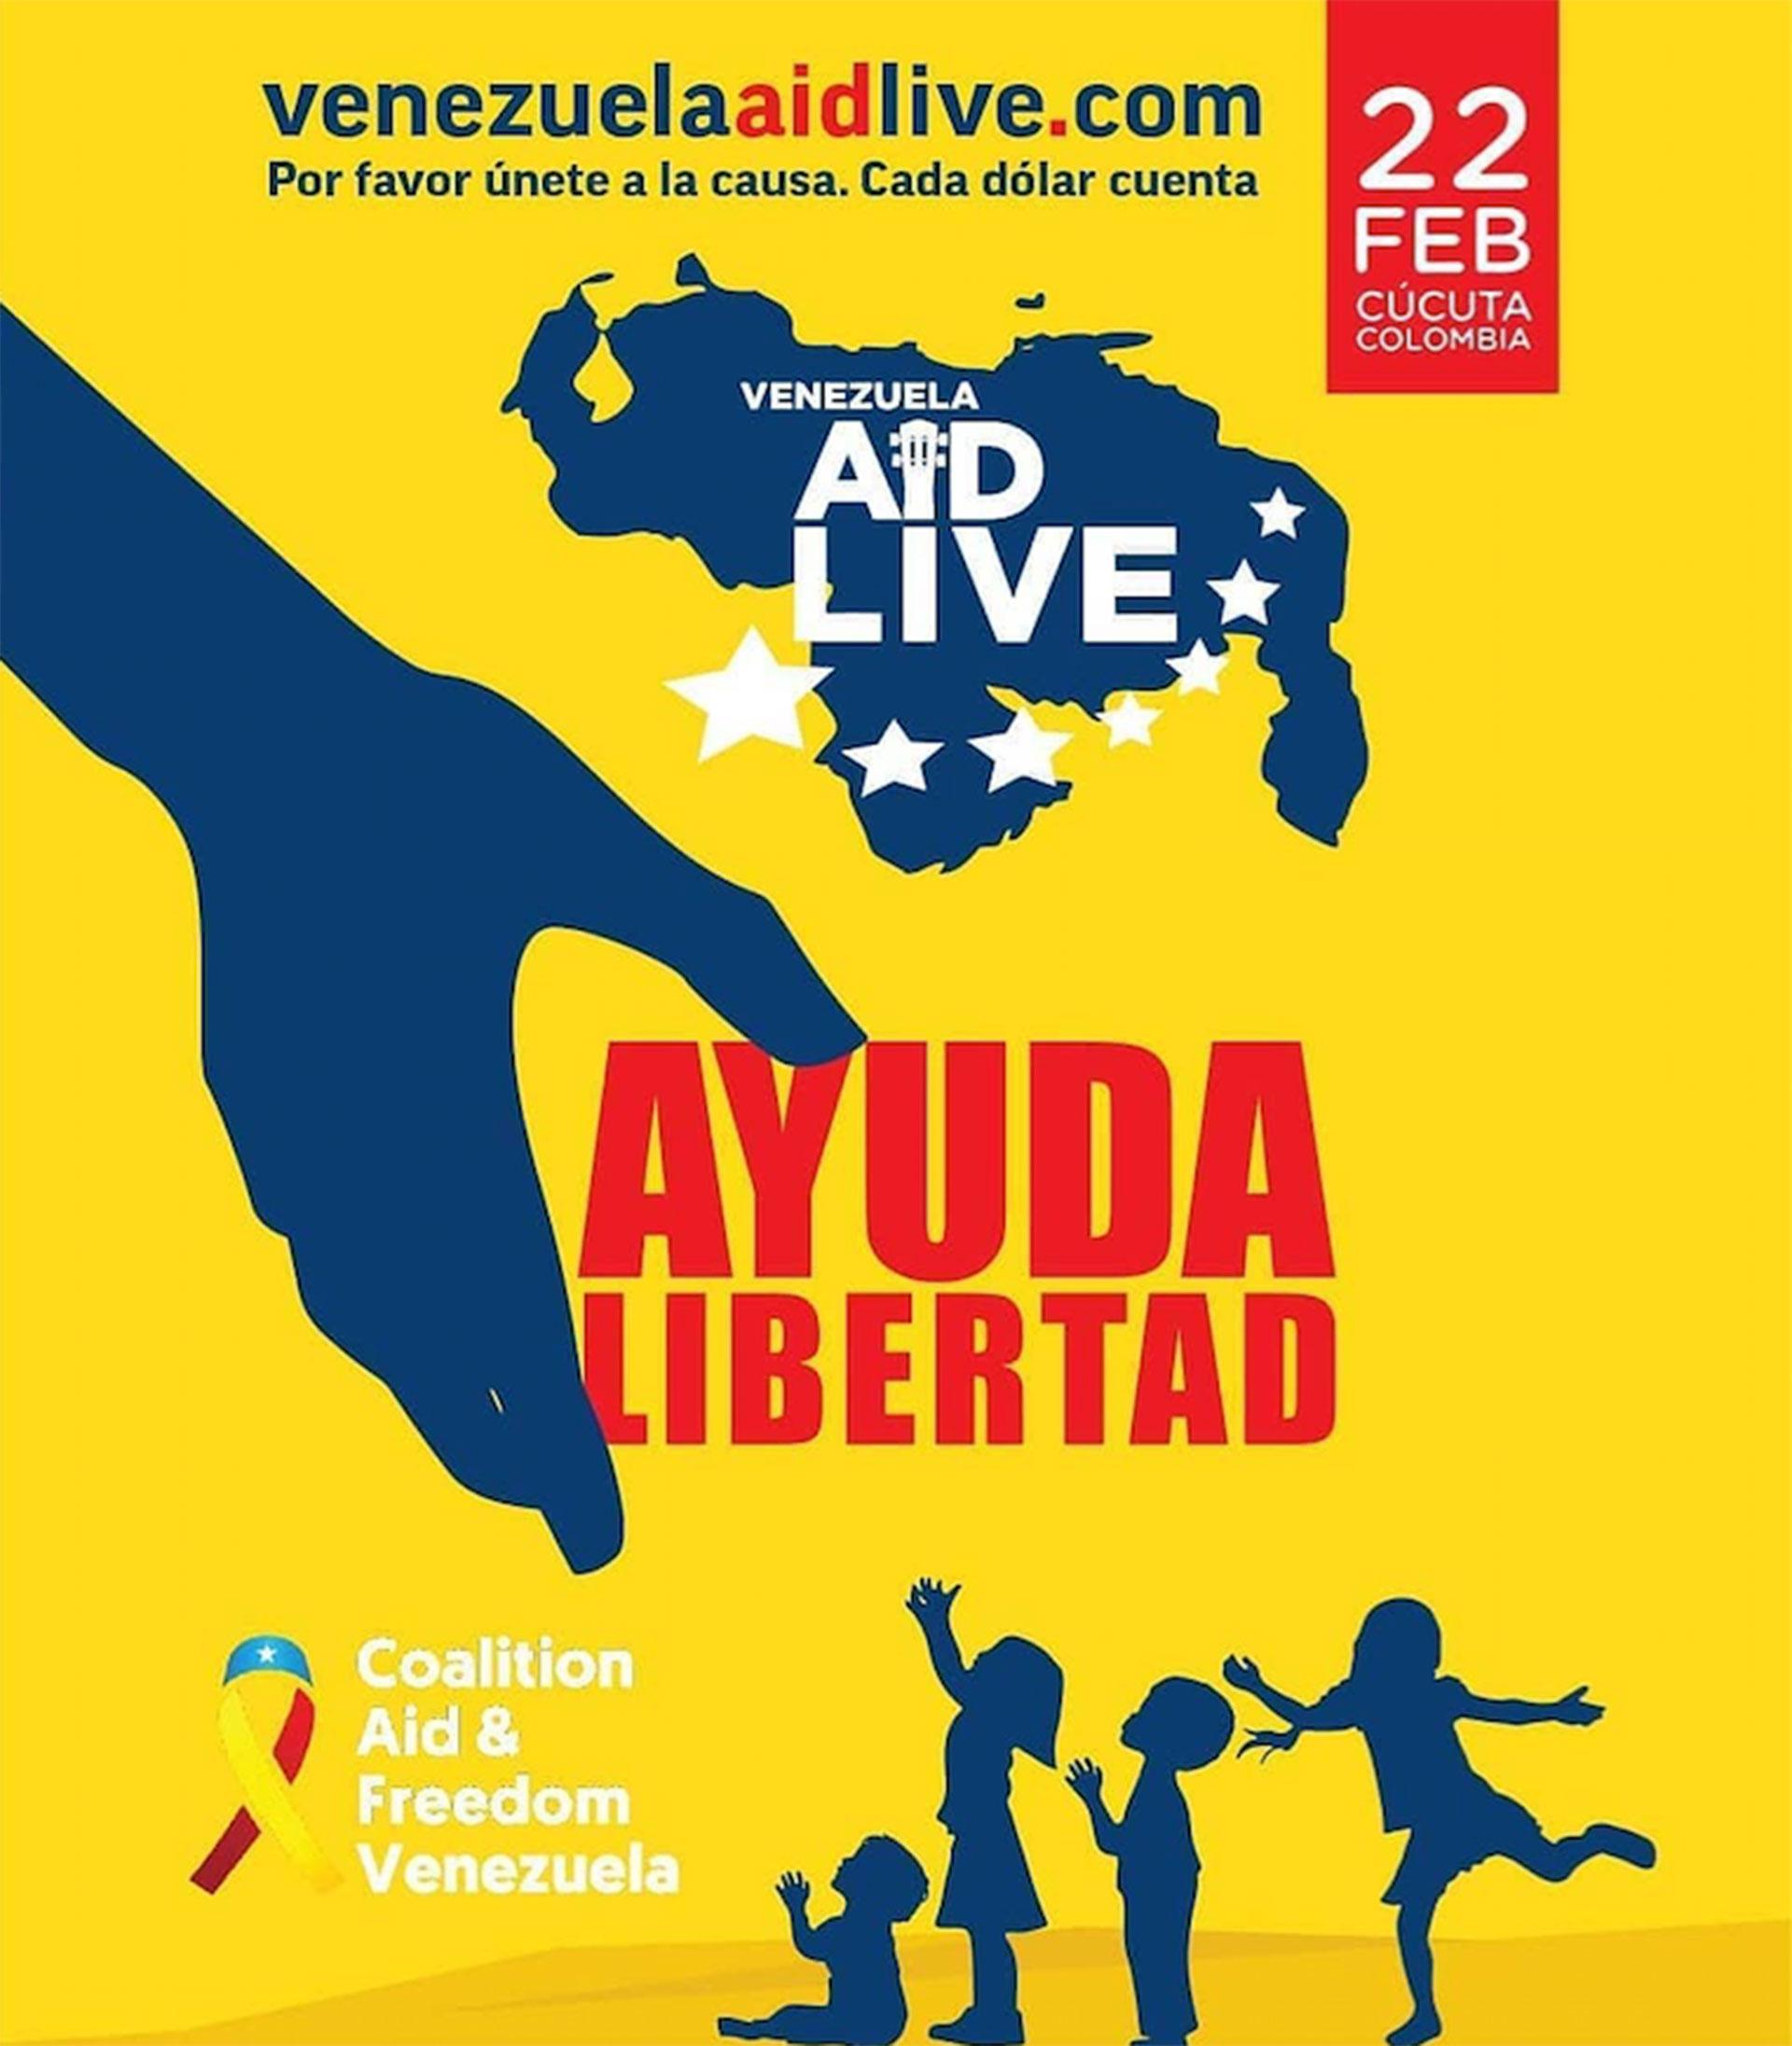 El concierto Venezuela Aid Live tendrá lugar el 22 de febrero en Cúcuta (Colombia).